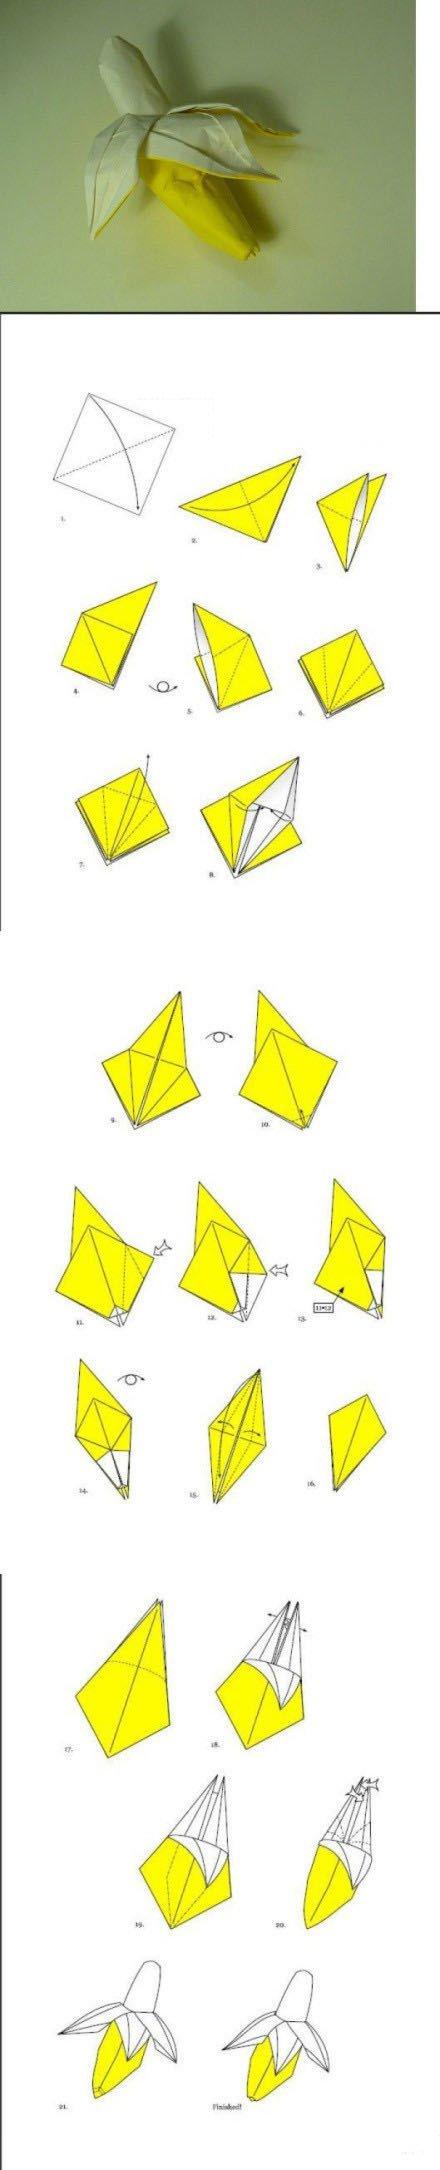 手工折纸大全图解图片3